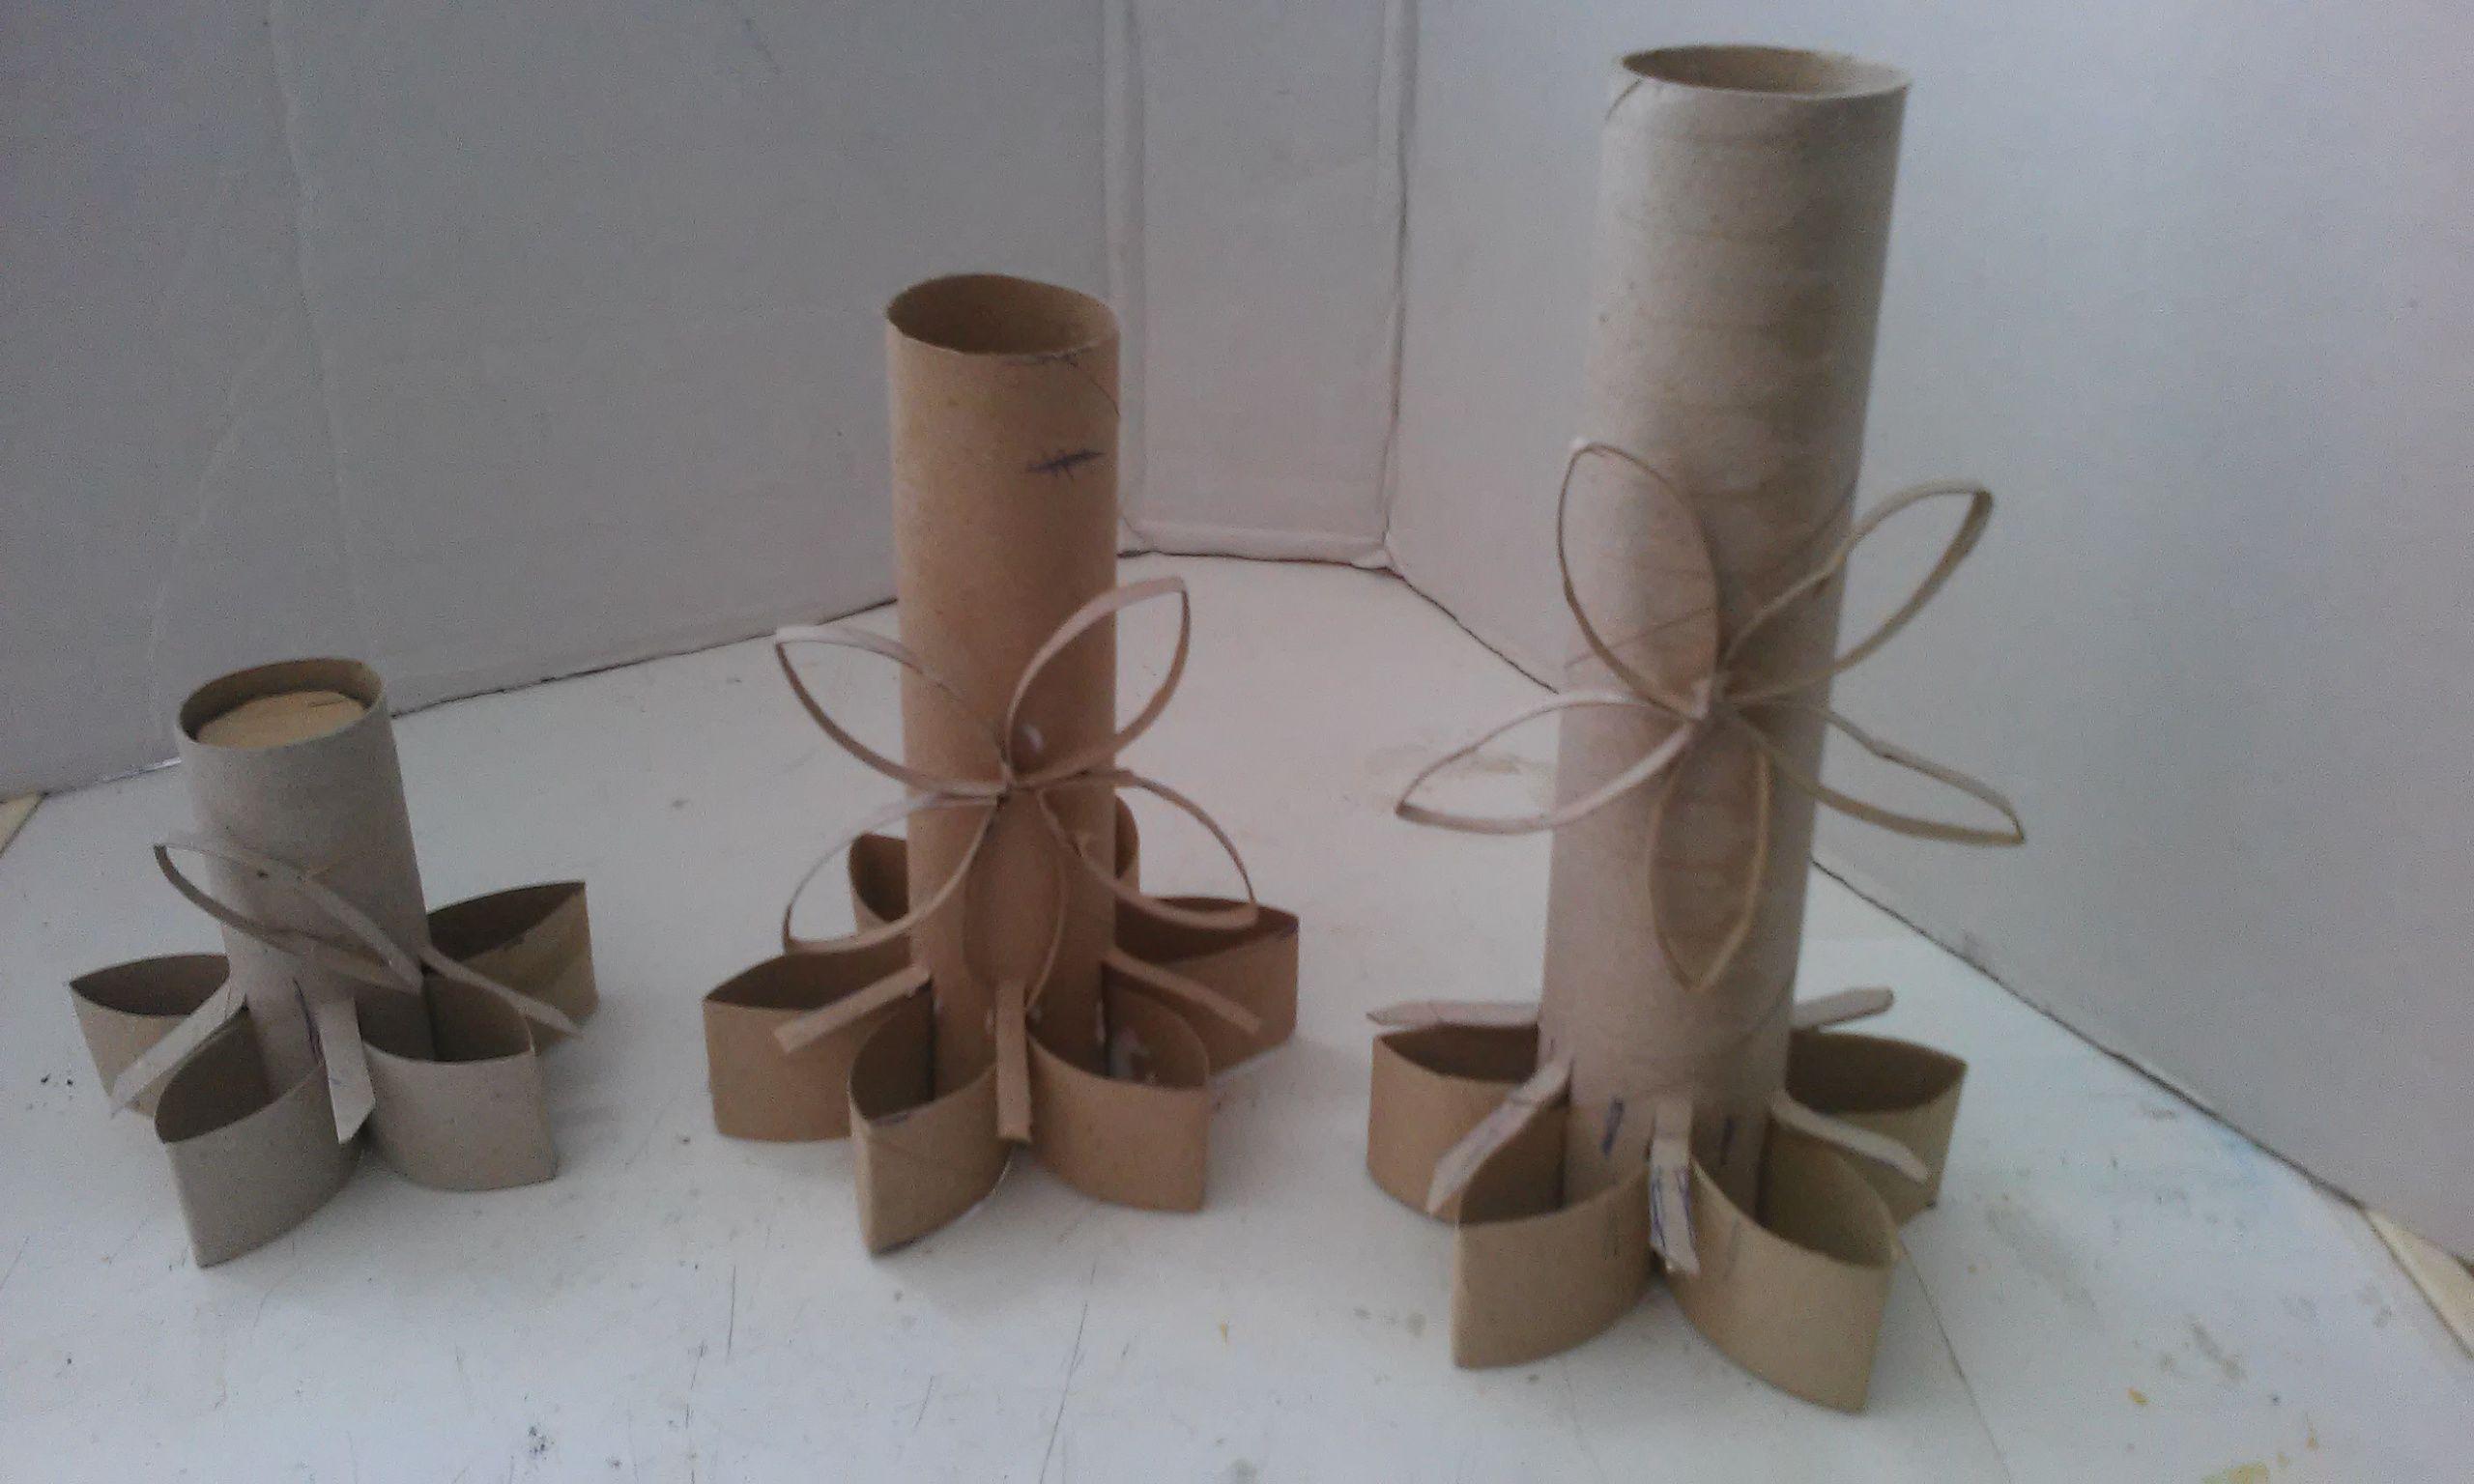 Candelabro En Tubos De Carton Reciclado Place Card Holders Crafts Place Cards